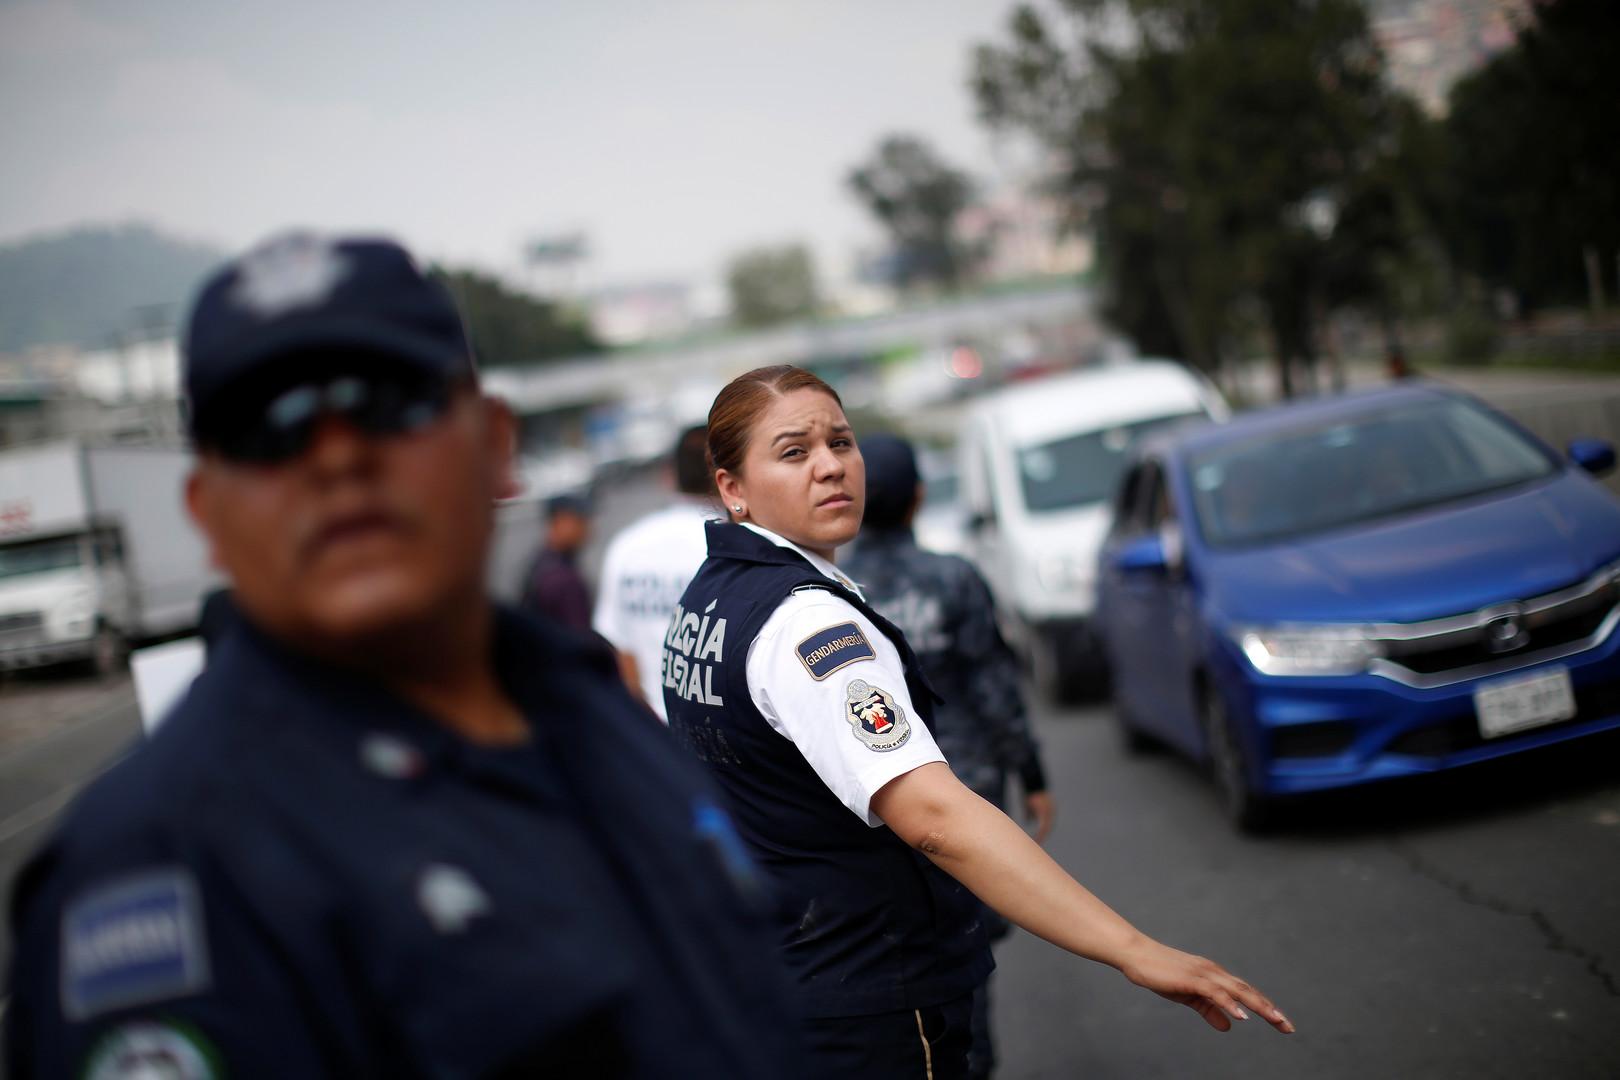 مقتل إسرائيليين اثنين بإطلاق نار في المكسيك بظروف غامضة